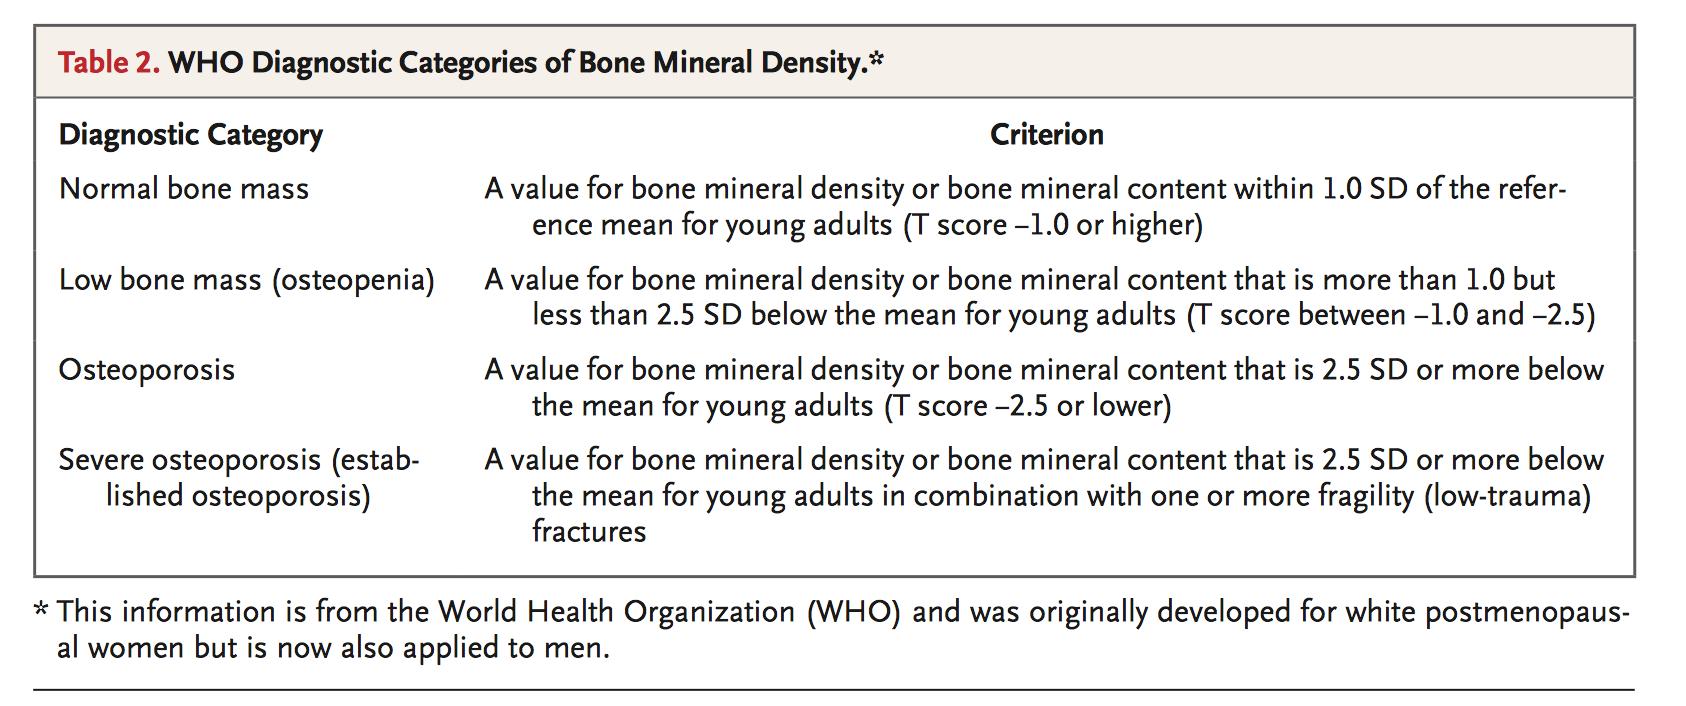 Osteopenia / Osteoporosis